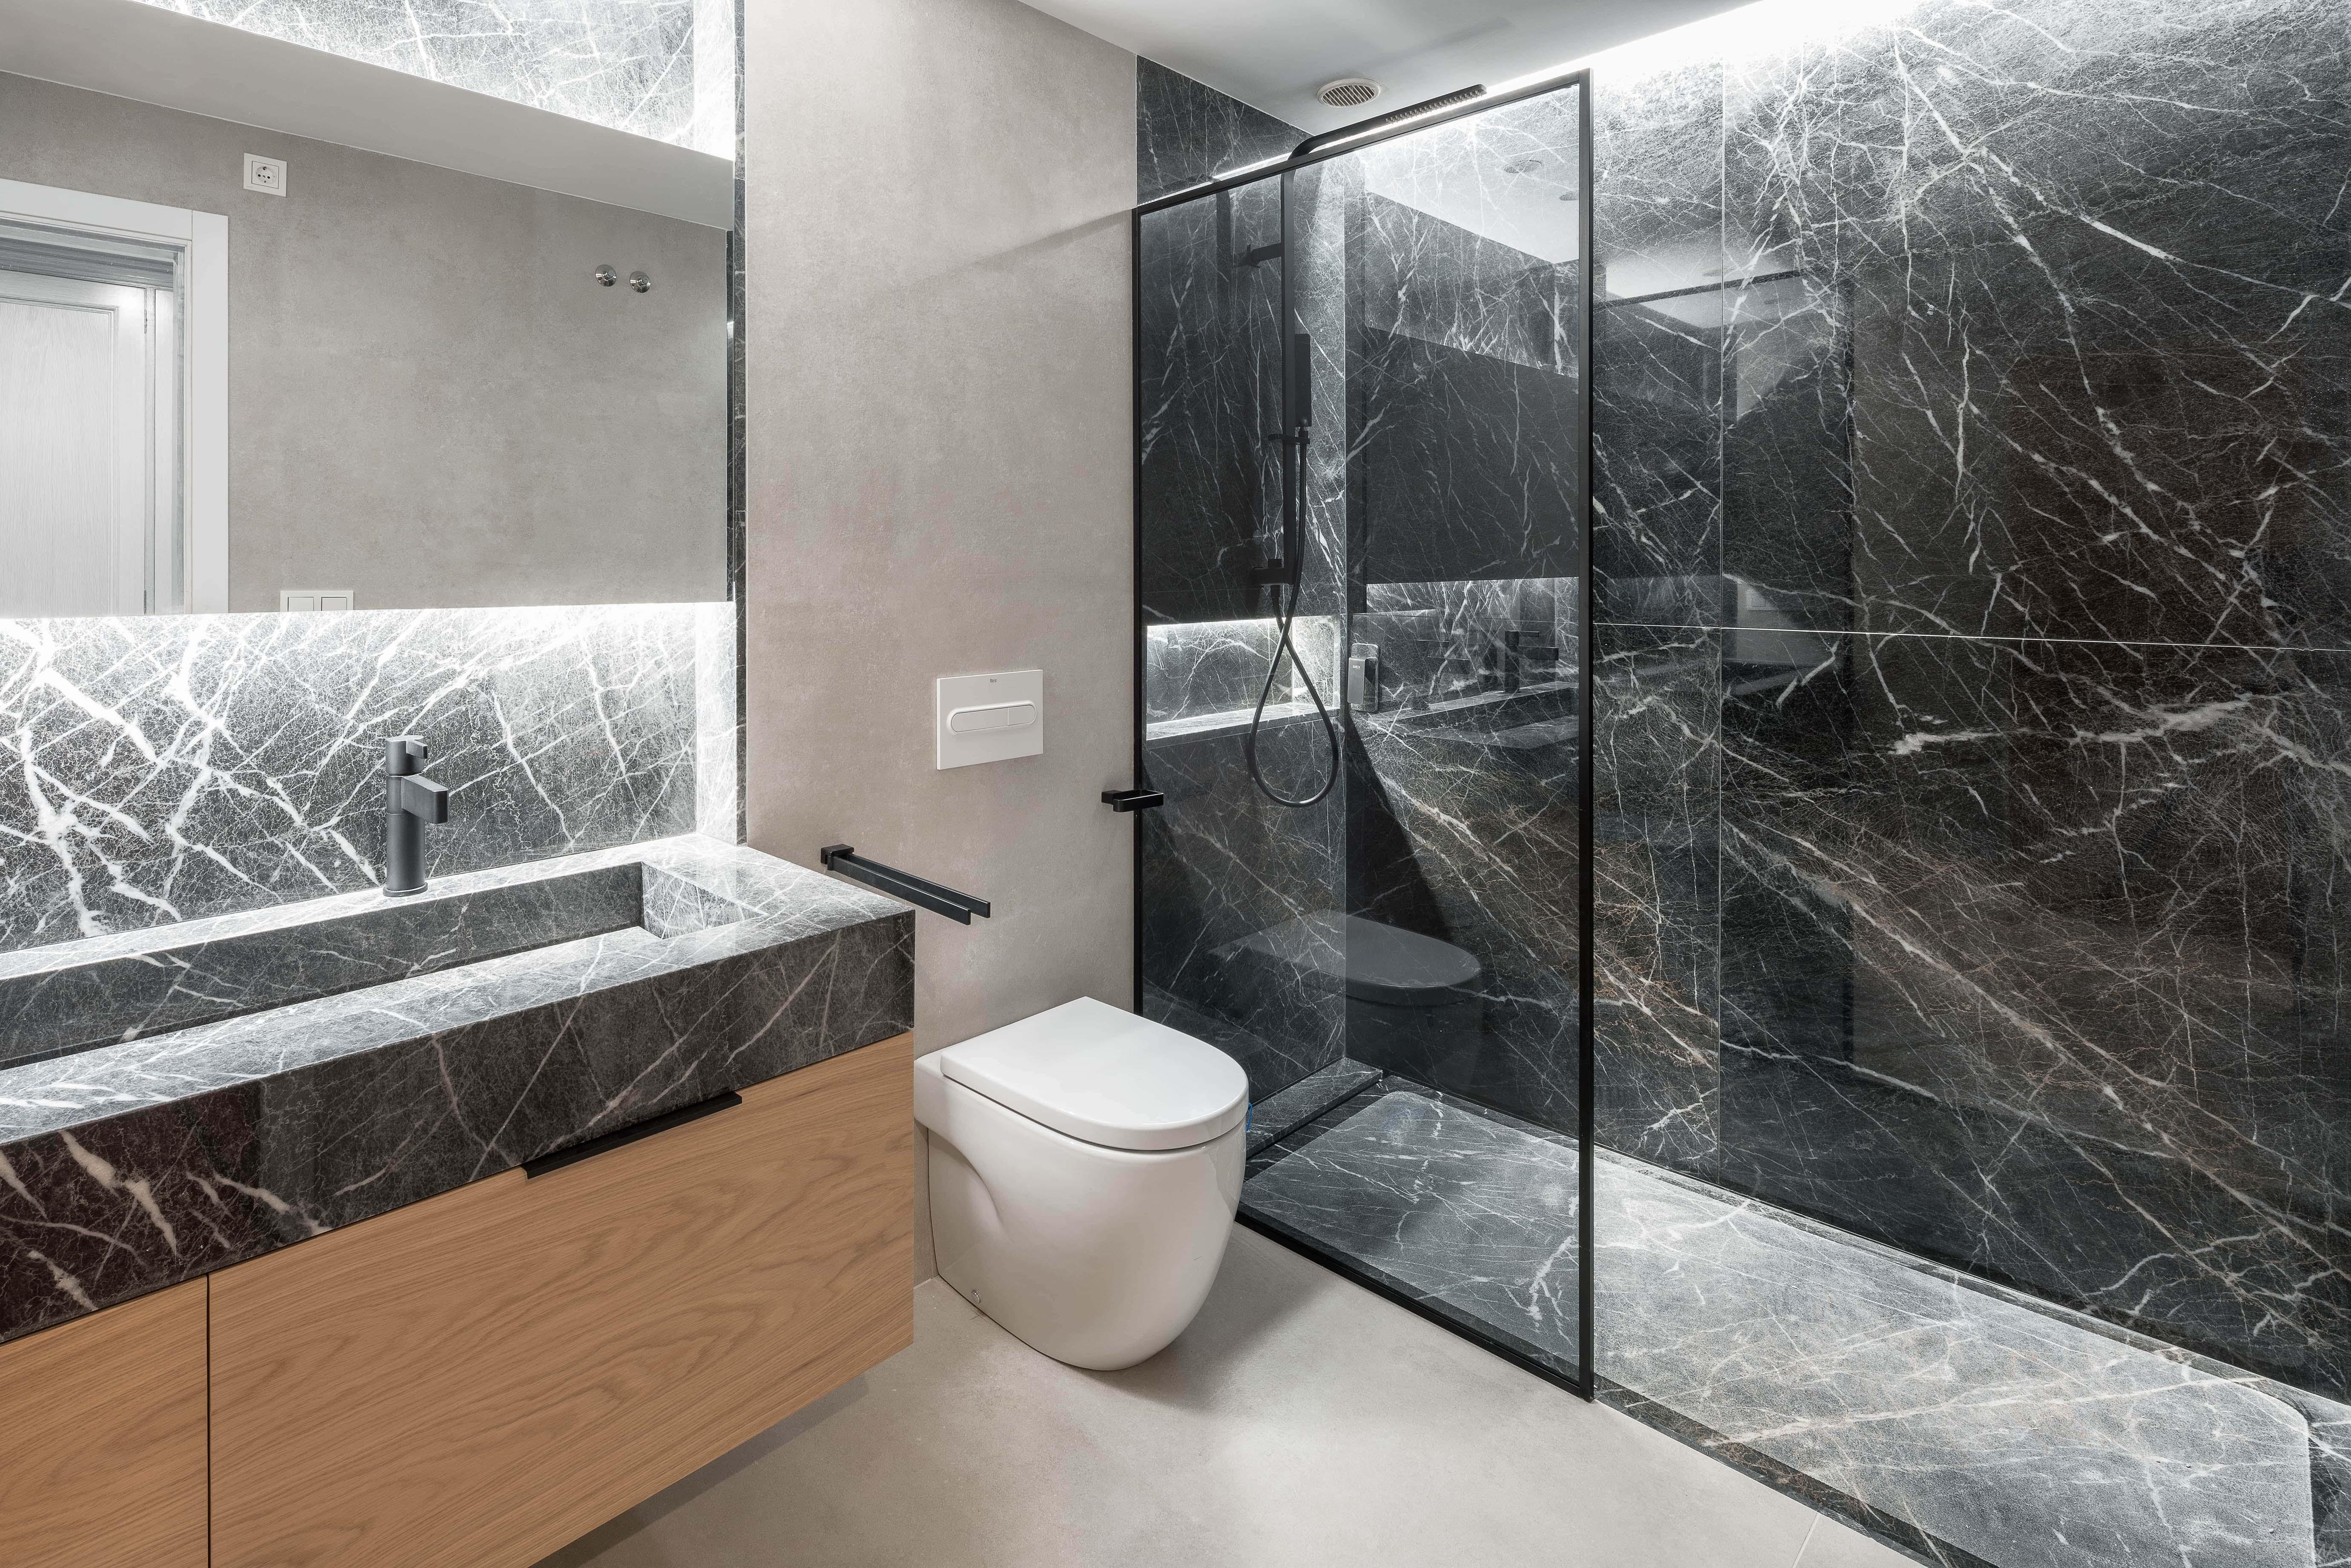 Baño Estilo contemporaneo Color beige, blanco, negro  diseñado por Enrique Canellas | Arquitecto | Copyright Canlopstudio